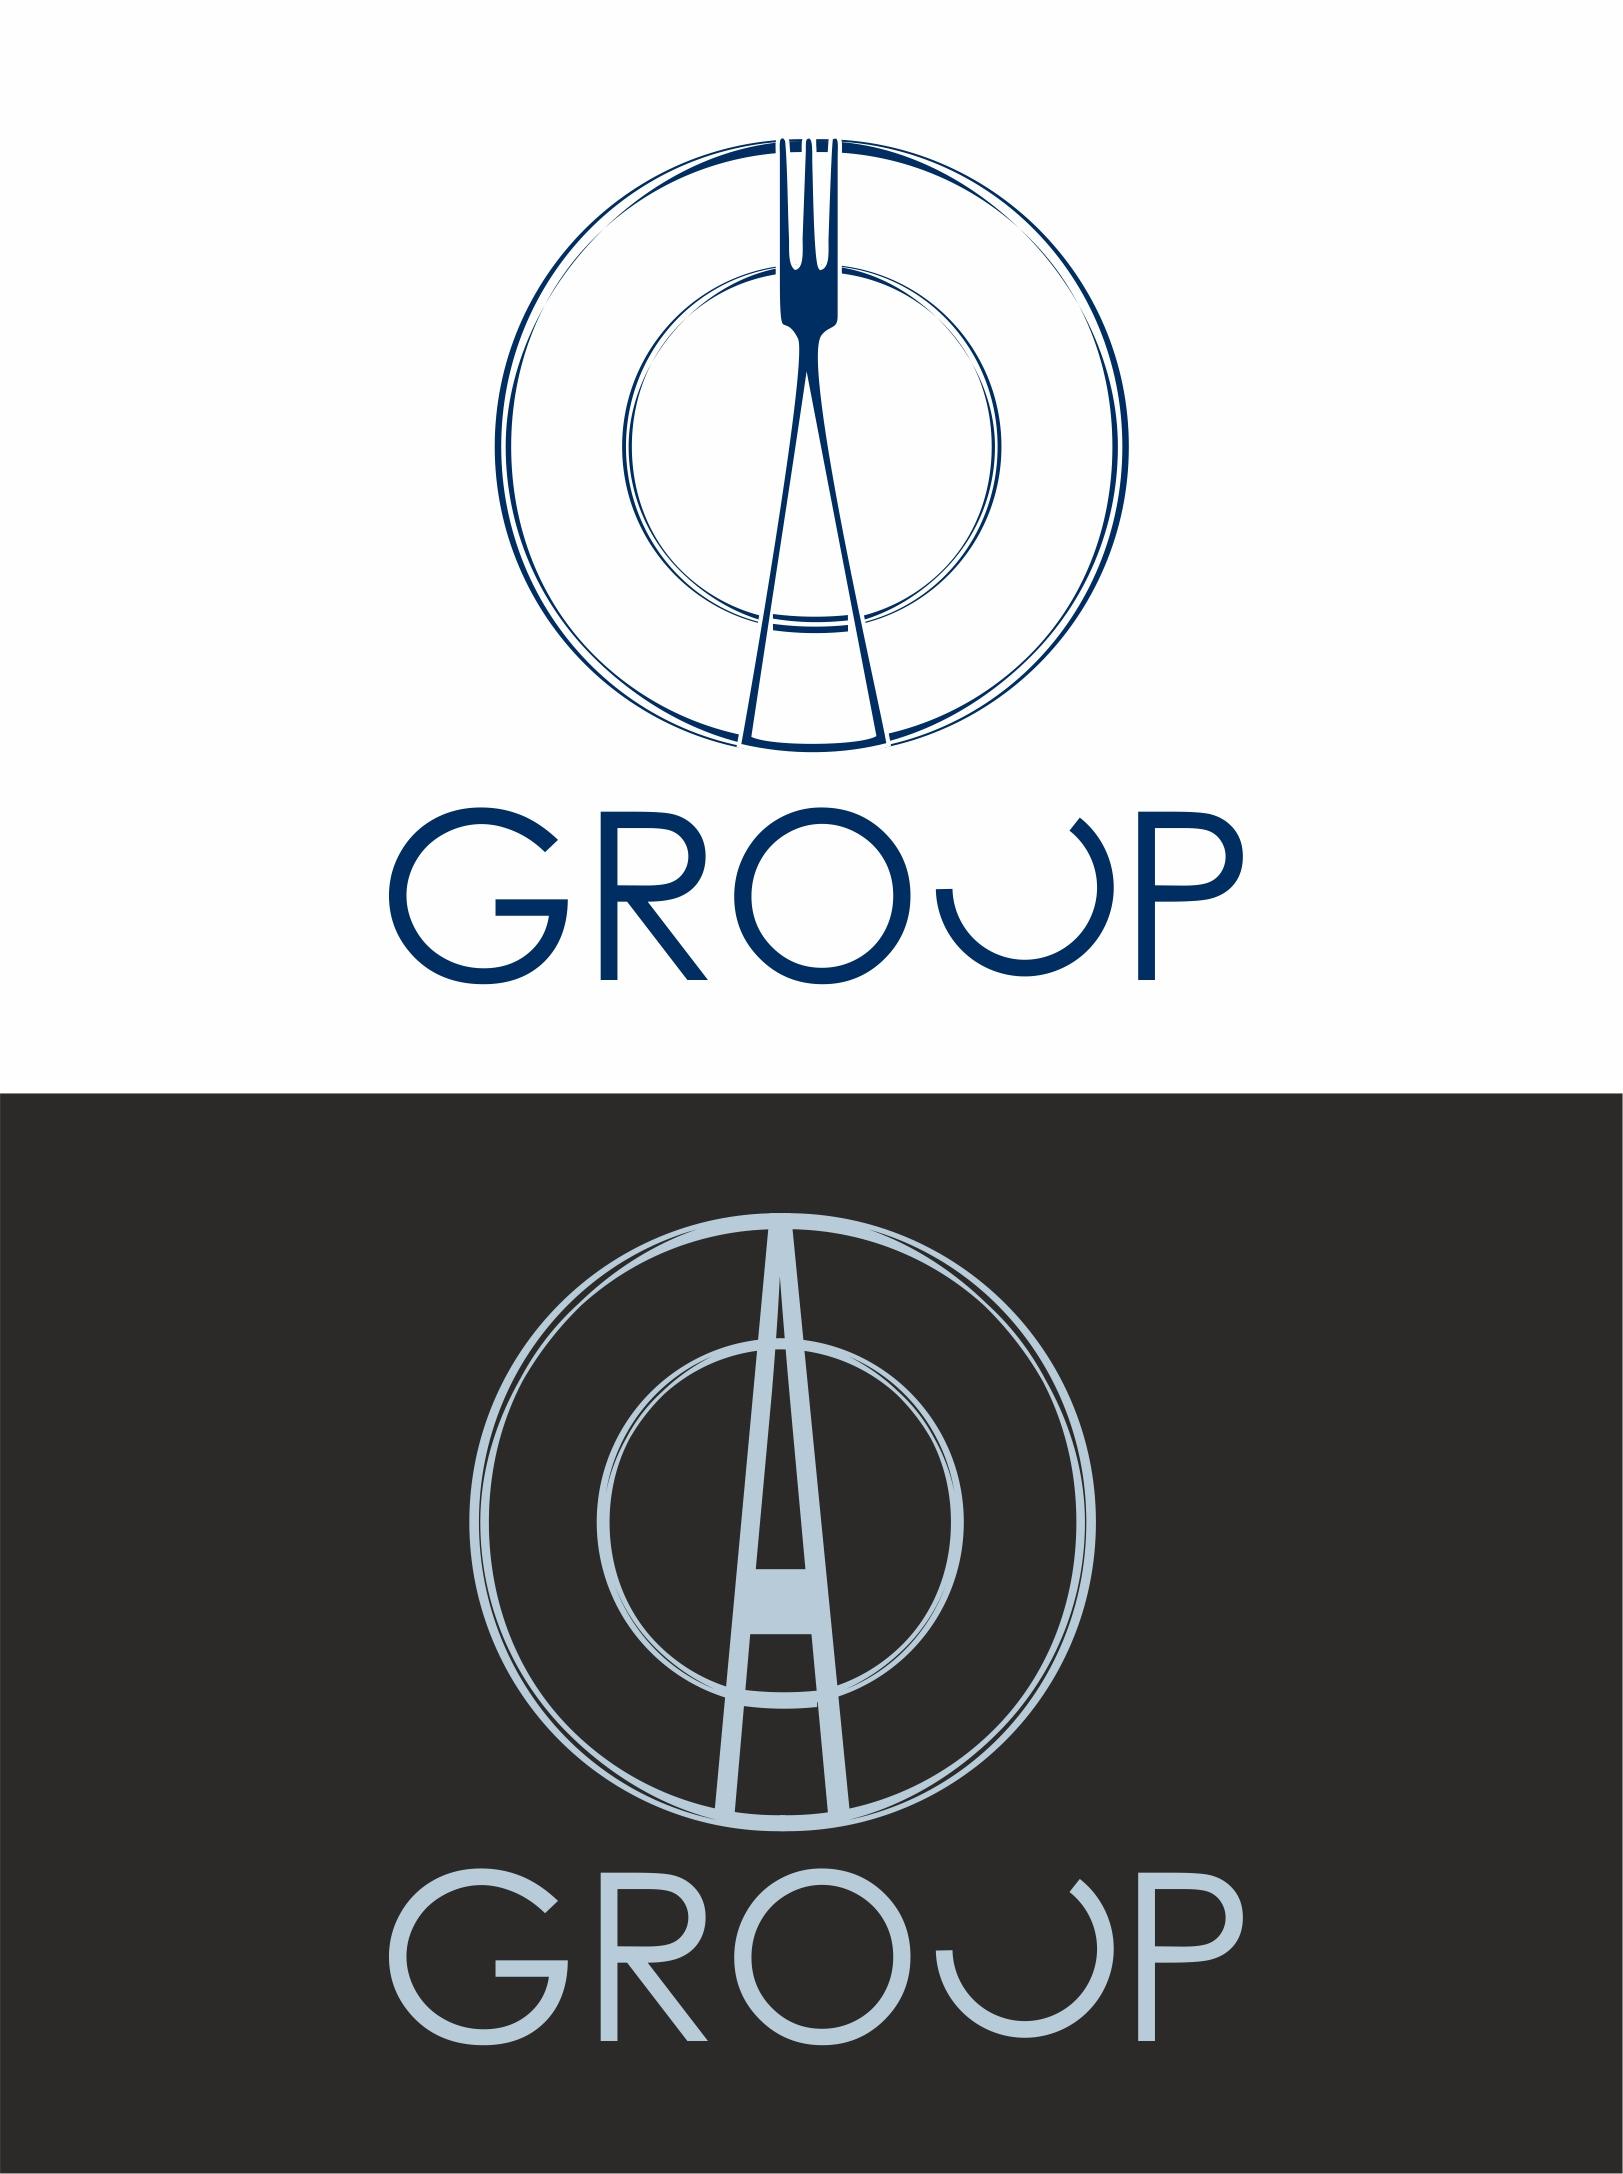 Разработка логотипа фото f_969598c10a9380f5.jpg